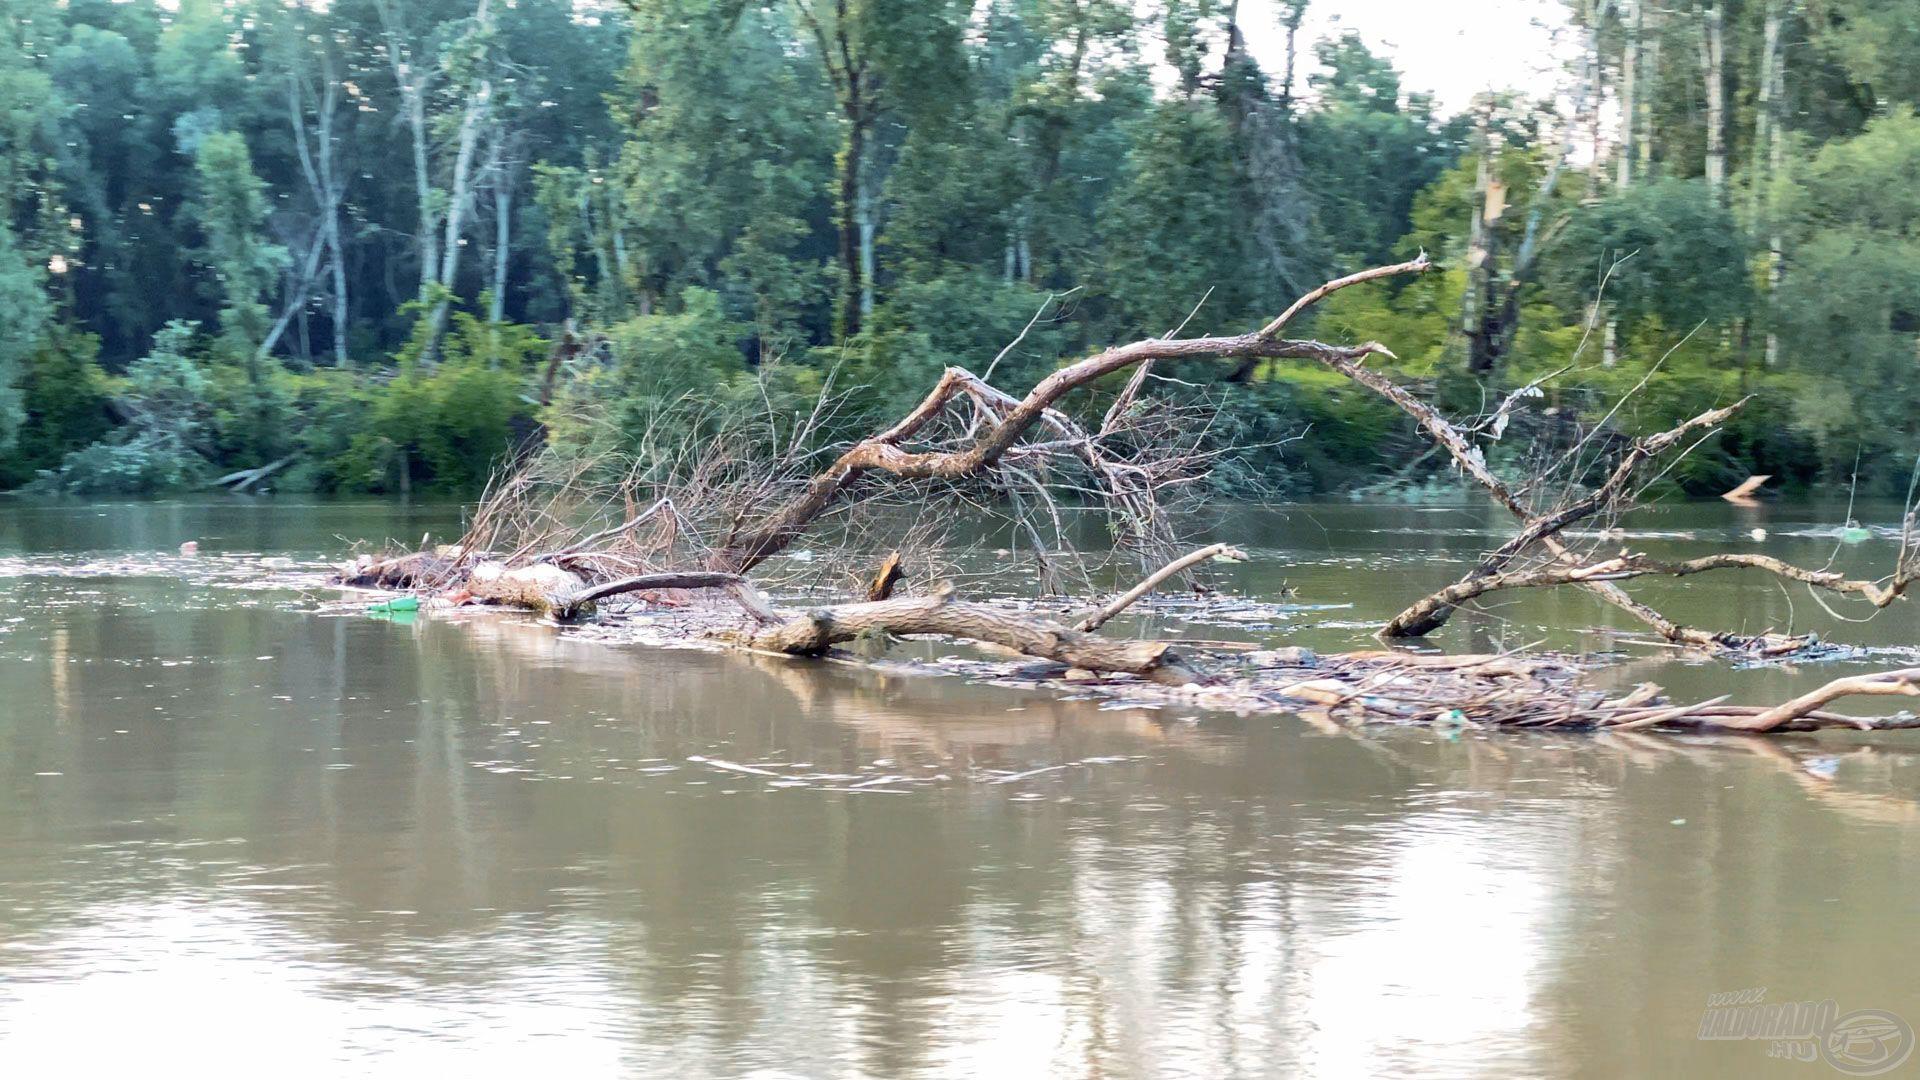 E mellett rengeteg frissen vagy korábban kitört fát is magával hoz a folyó, ezek között lavírozni éjszaka VESZÉLYES